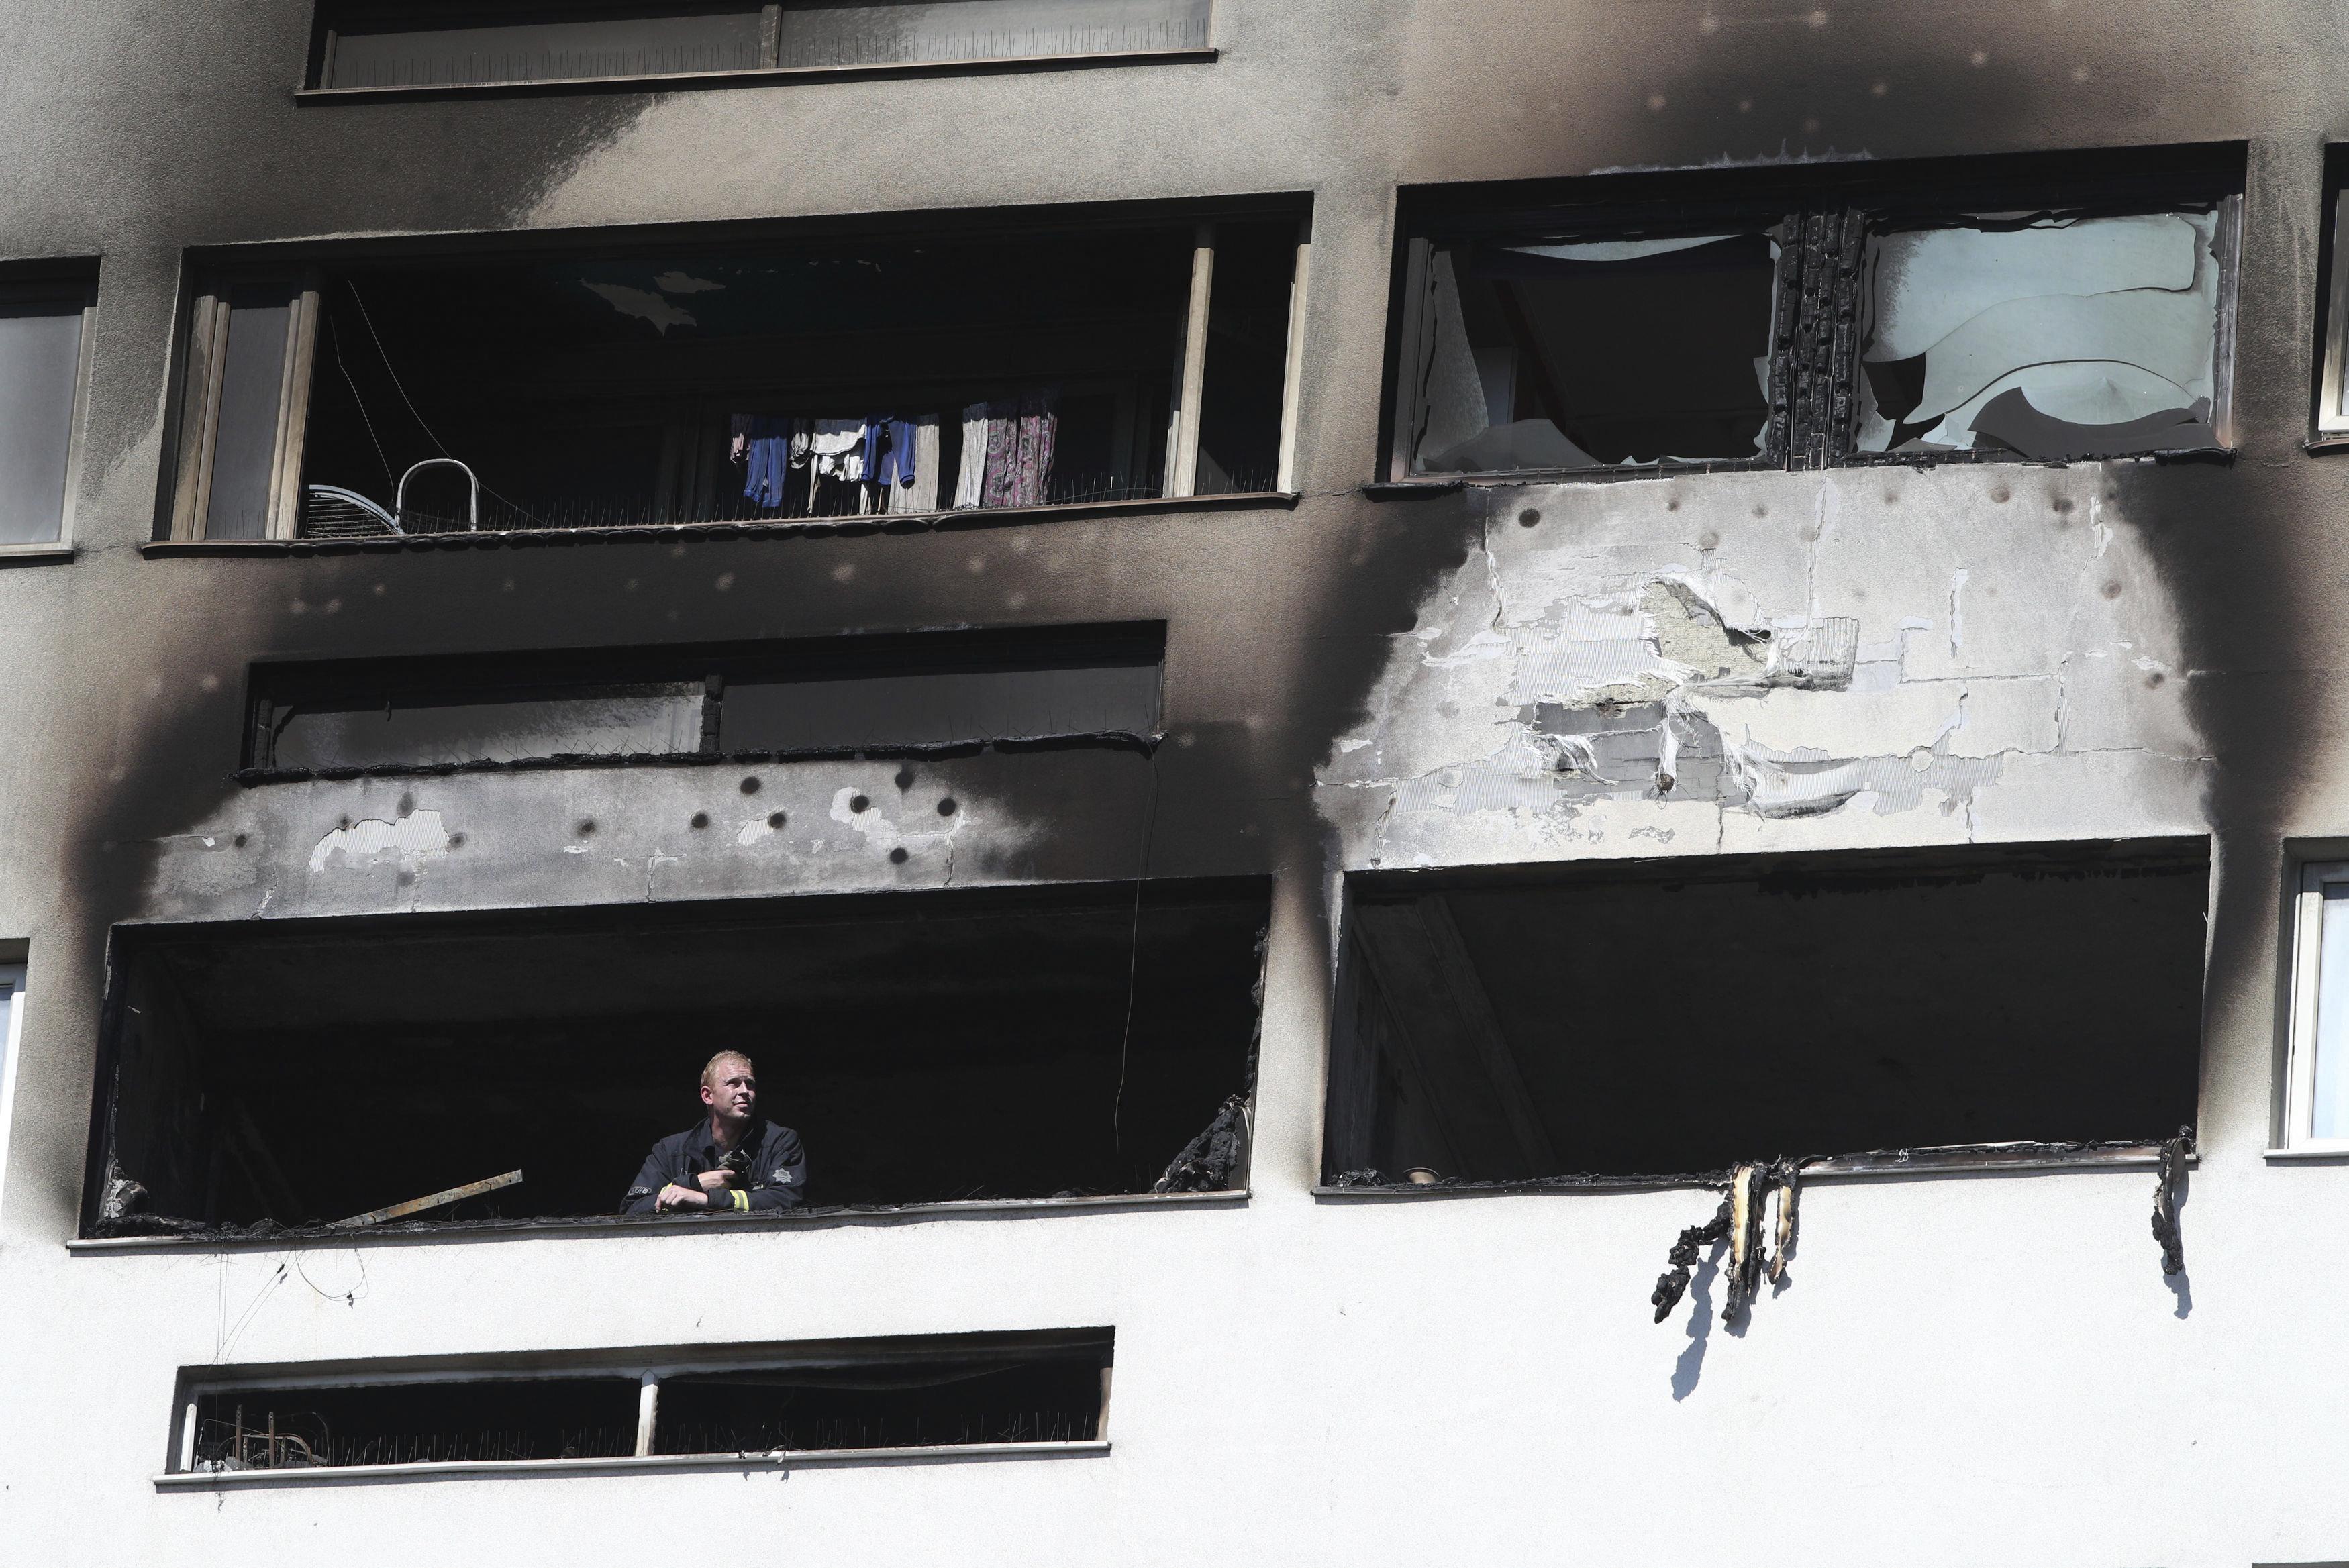 Φωτιά σε διαμέρισμα στην Κυψέλη: Γυναίκα πήδηξε από τον 5ο όροφο